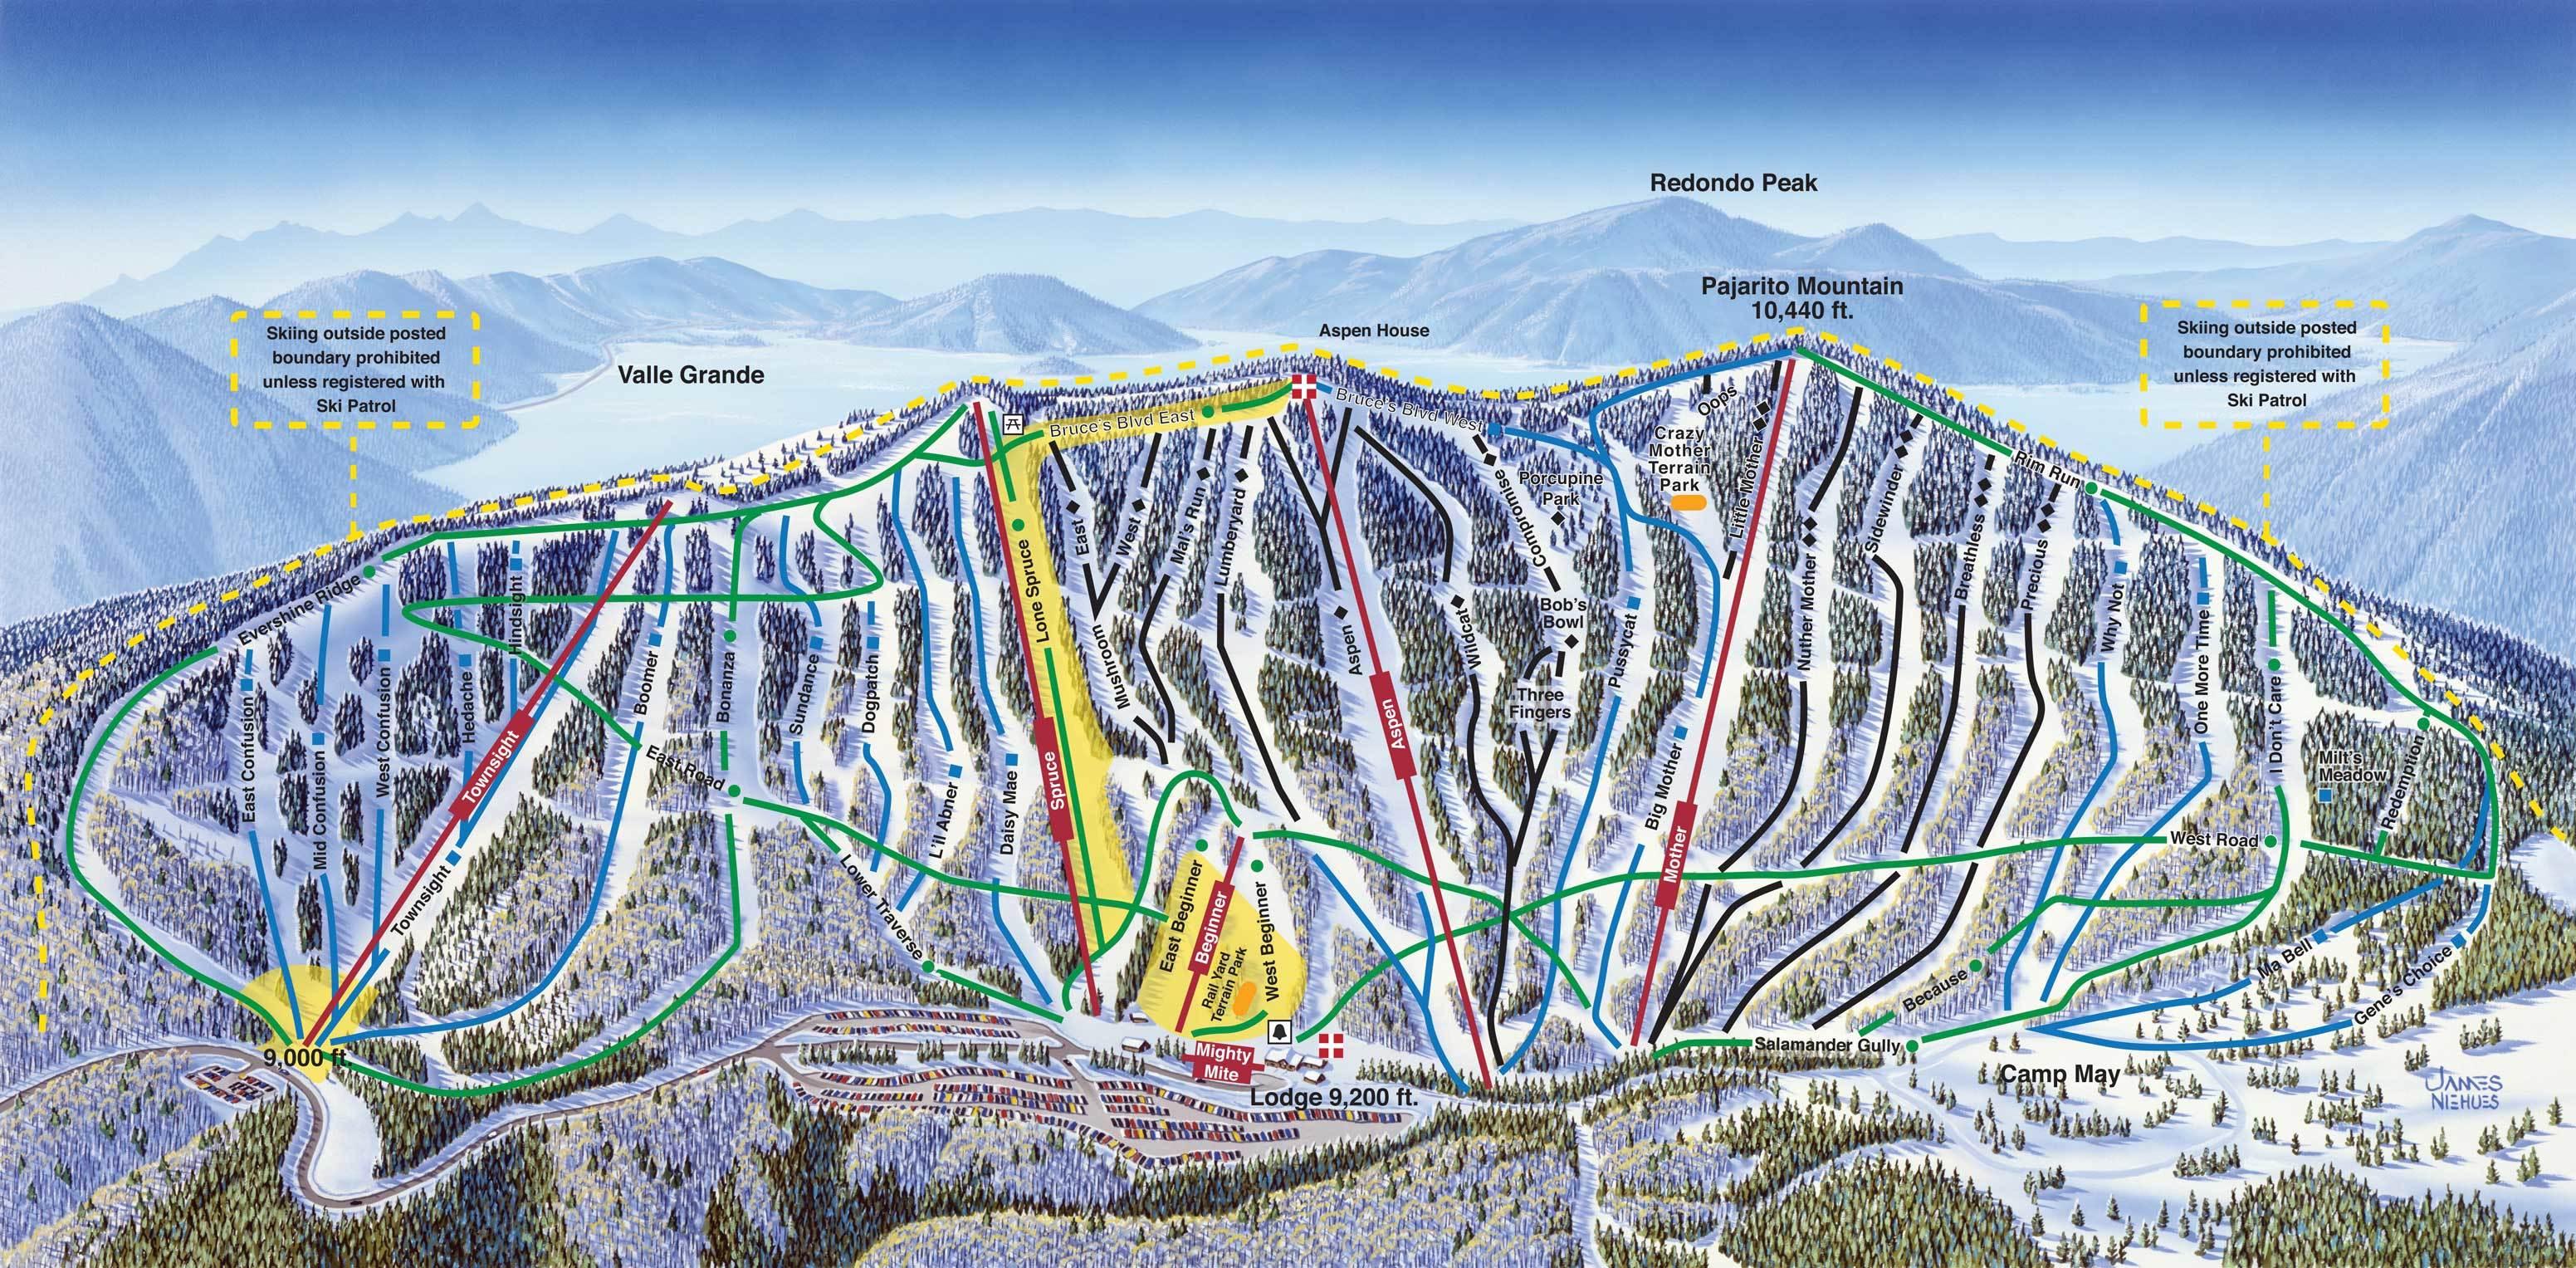 Ski In New Mexico Map.Pajarito Mountain Ski Area Trail Map Onthesnow